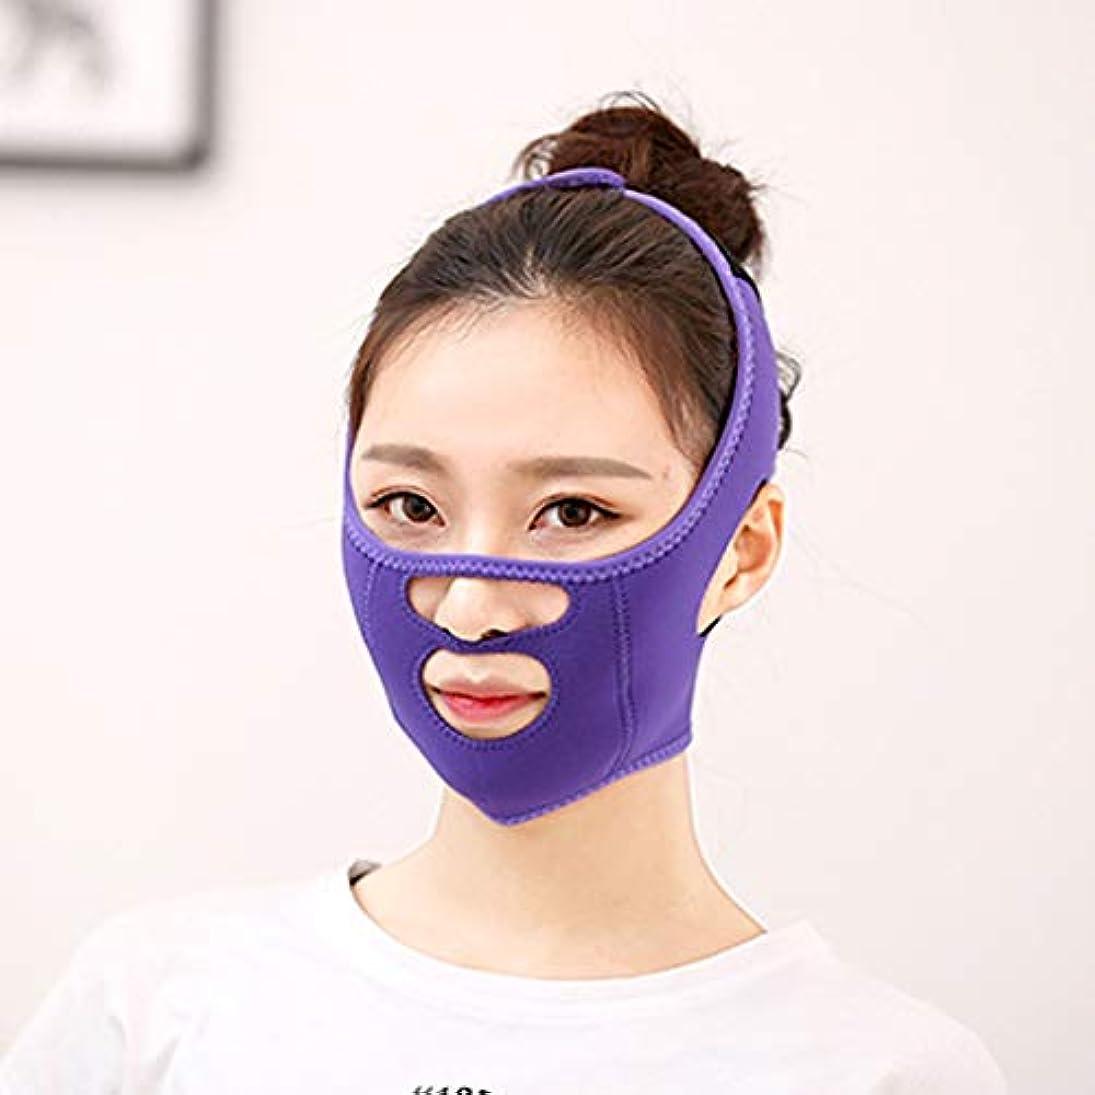 裏切り検出タンパク質Jia He 軽量 薄い顔ベルト、Vフェイスアーティファクト通気性睡眠包帯?フェイシャルスリミング薄い二重あごがアンチリンクルフェイスベルトを持ち上げ ## (Color : Purple)